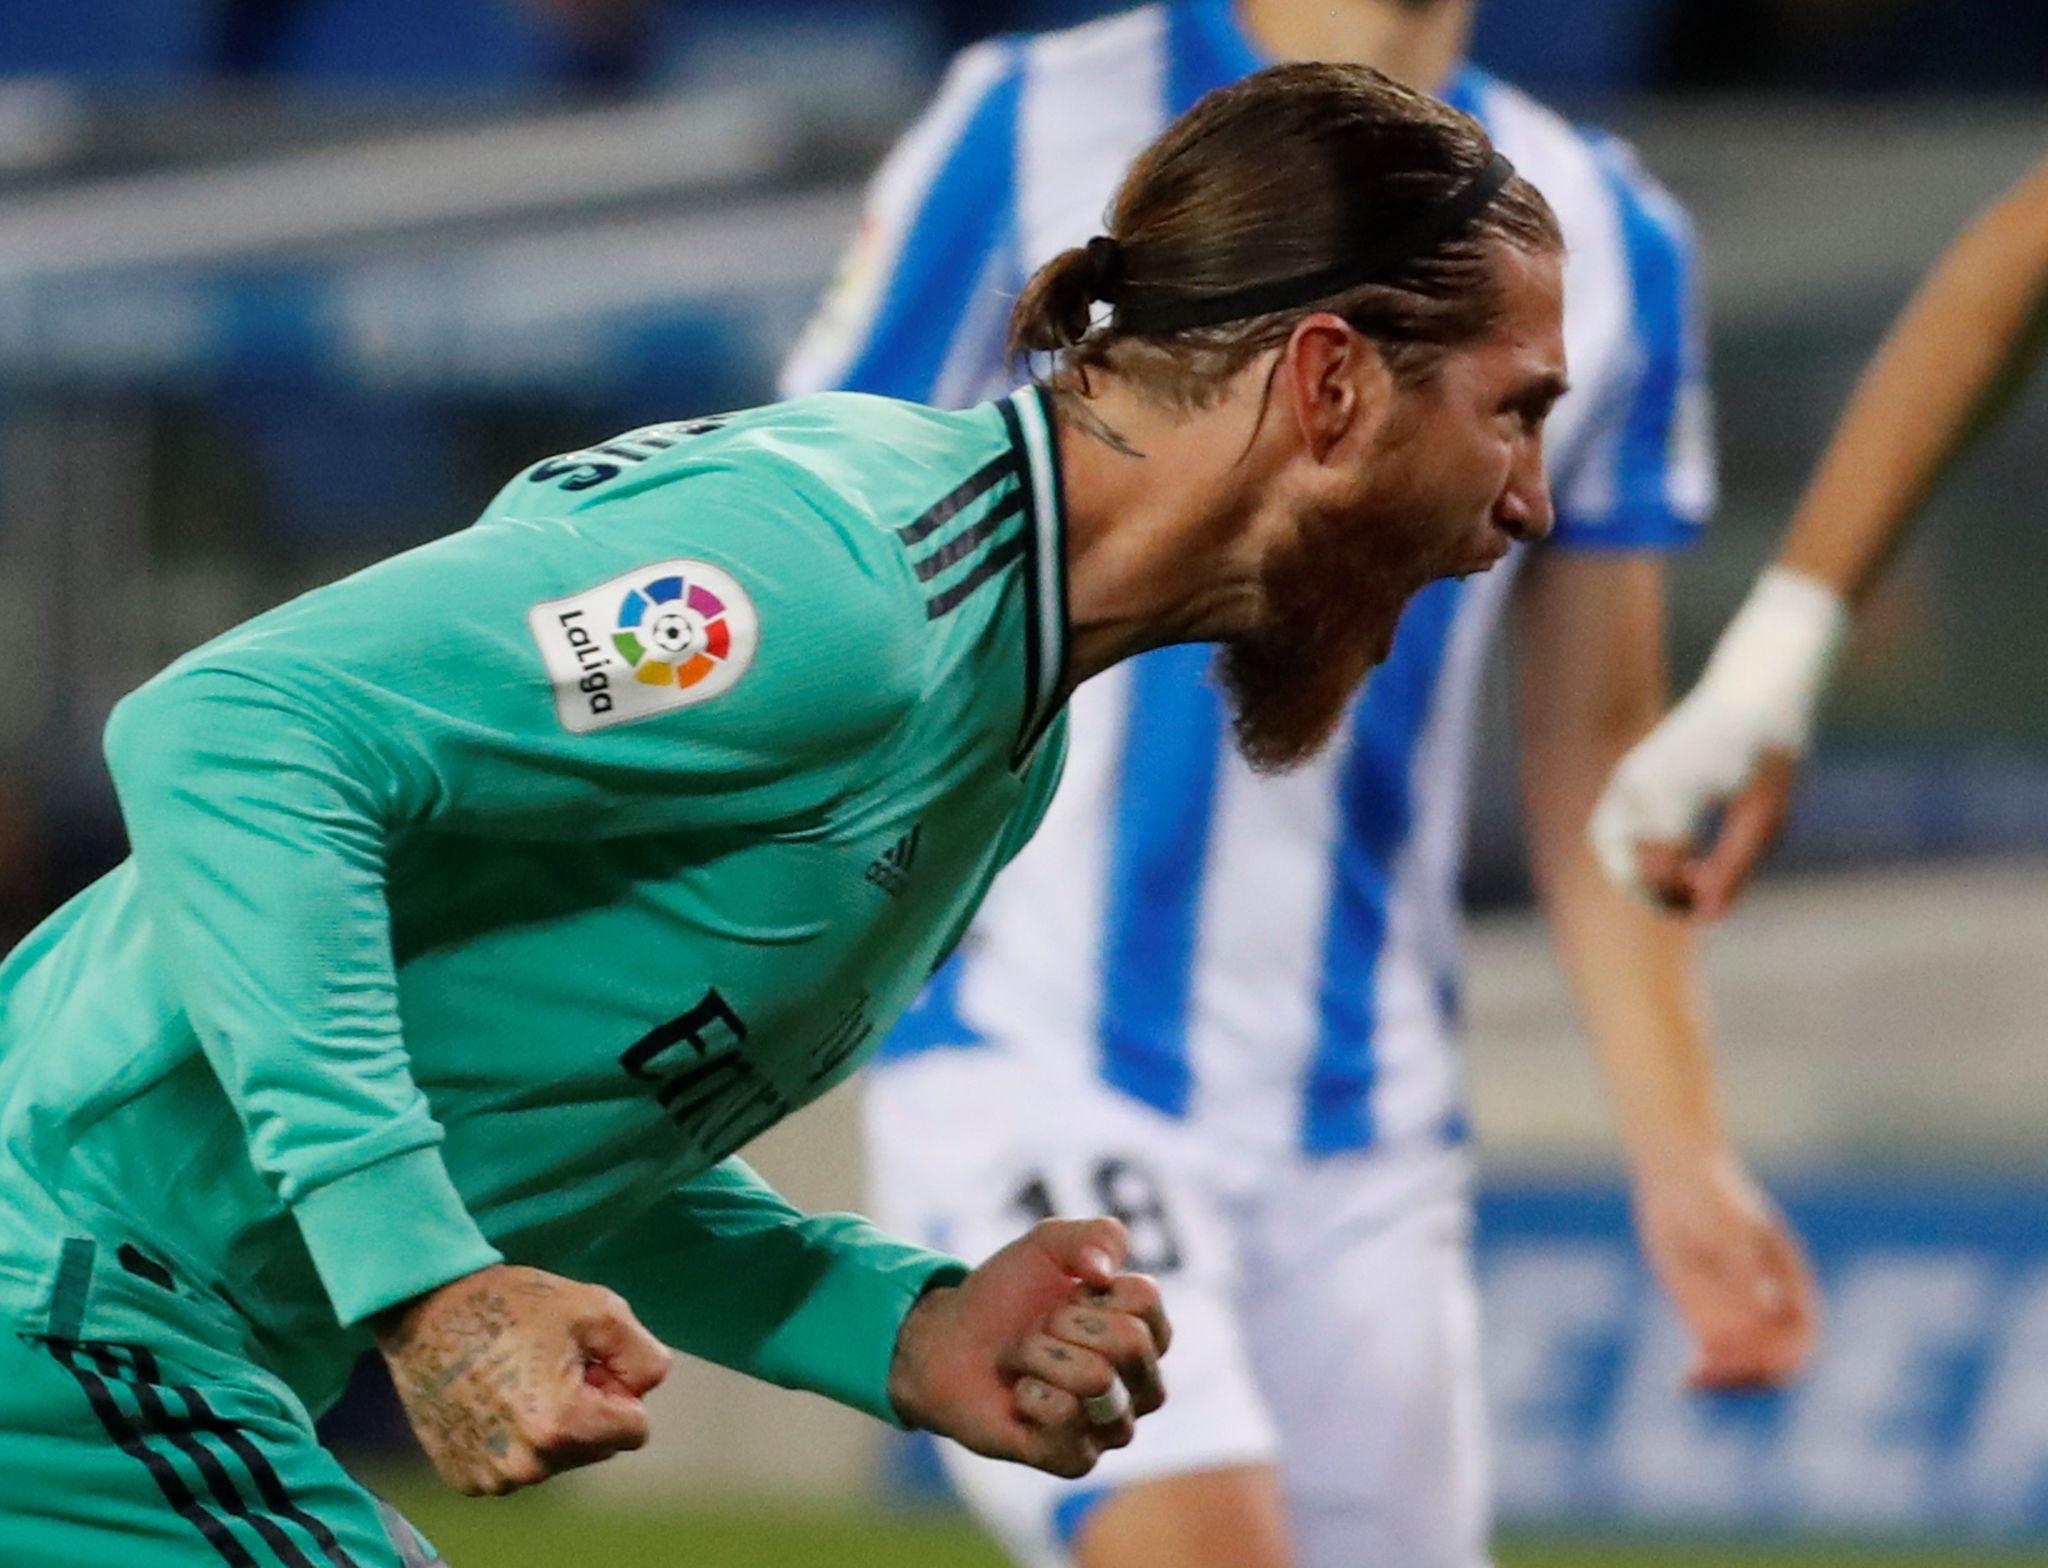 Récord goleador para Sergio Ramos e inquietud por su lesión en la rodilla